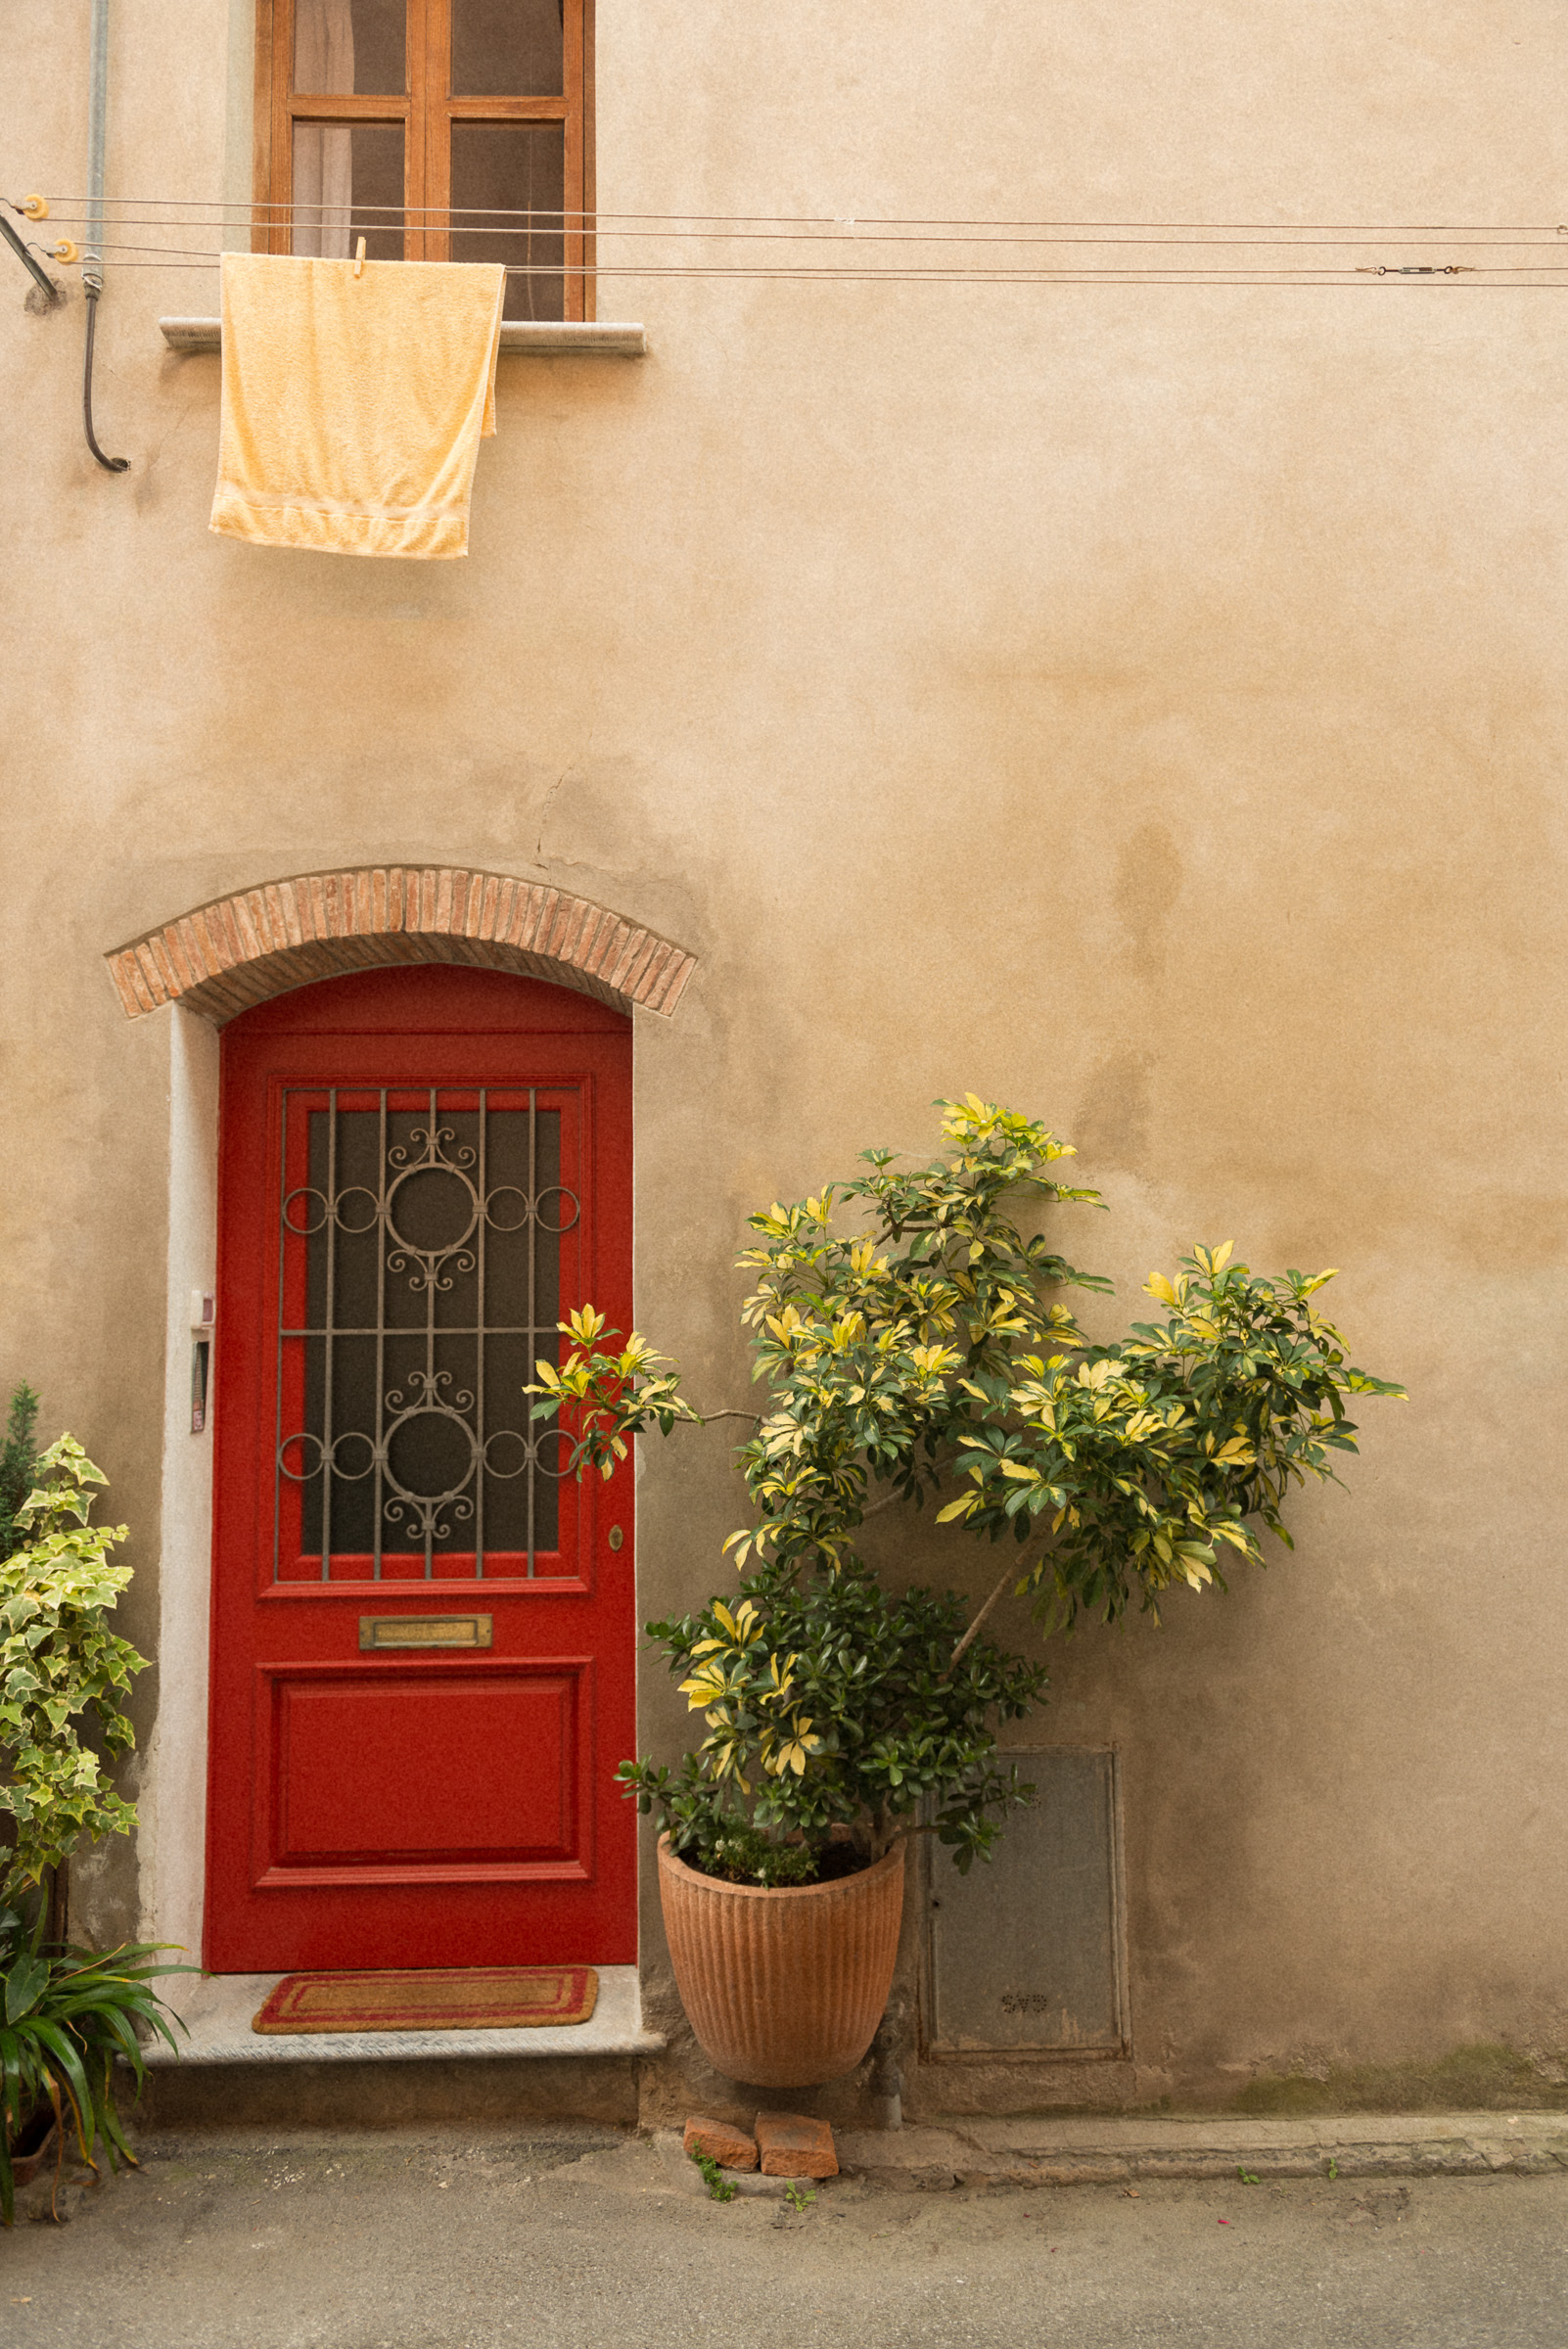 red door and towel.jpg